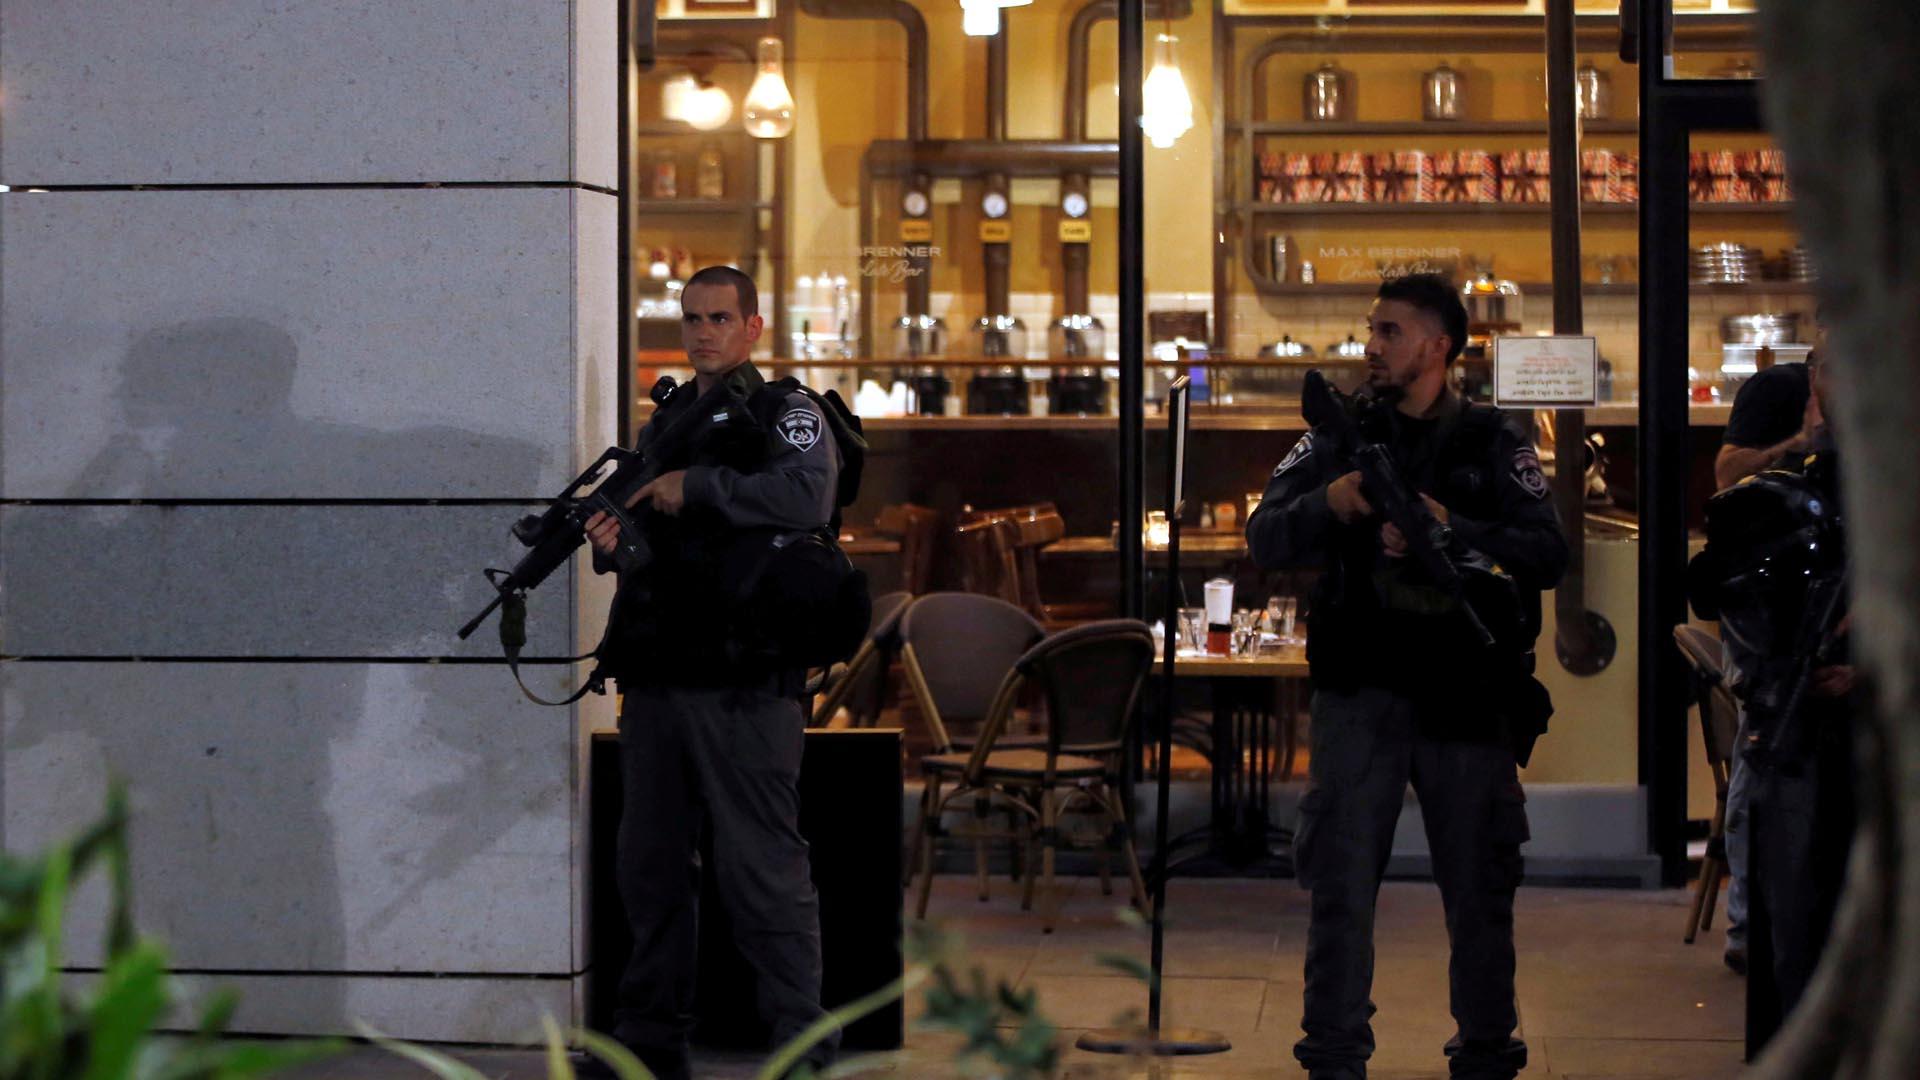 Dos hombres palestinos abrieron fuego en contra de la muchedumbre, en una zona de esparcimiento, por presunto odio racial